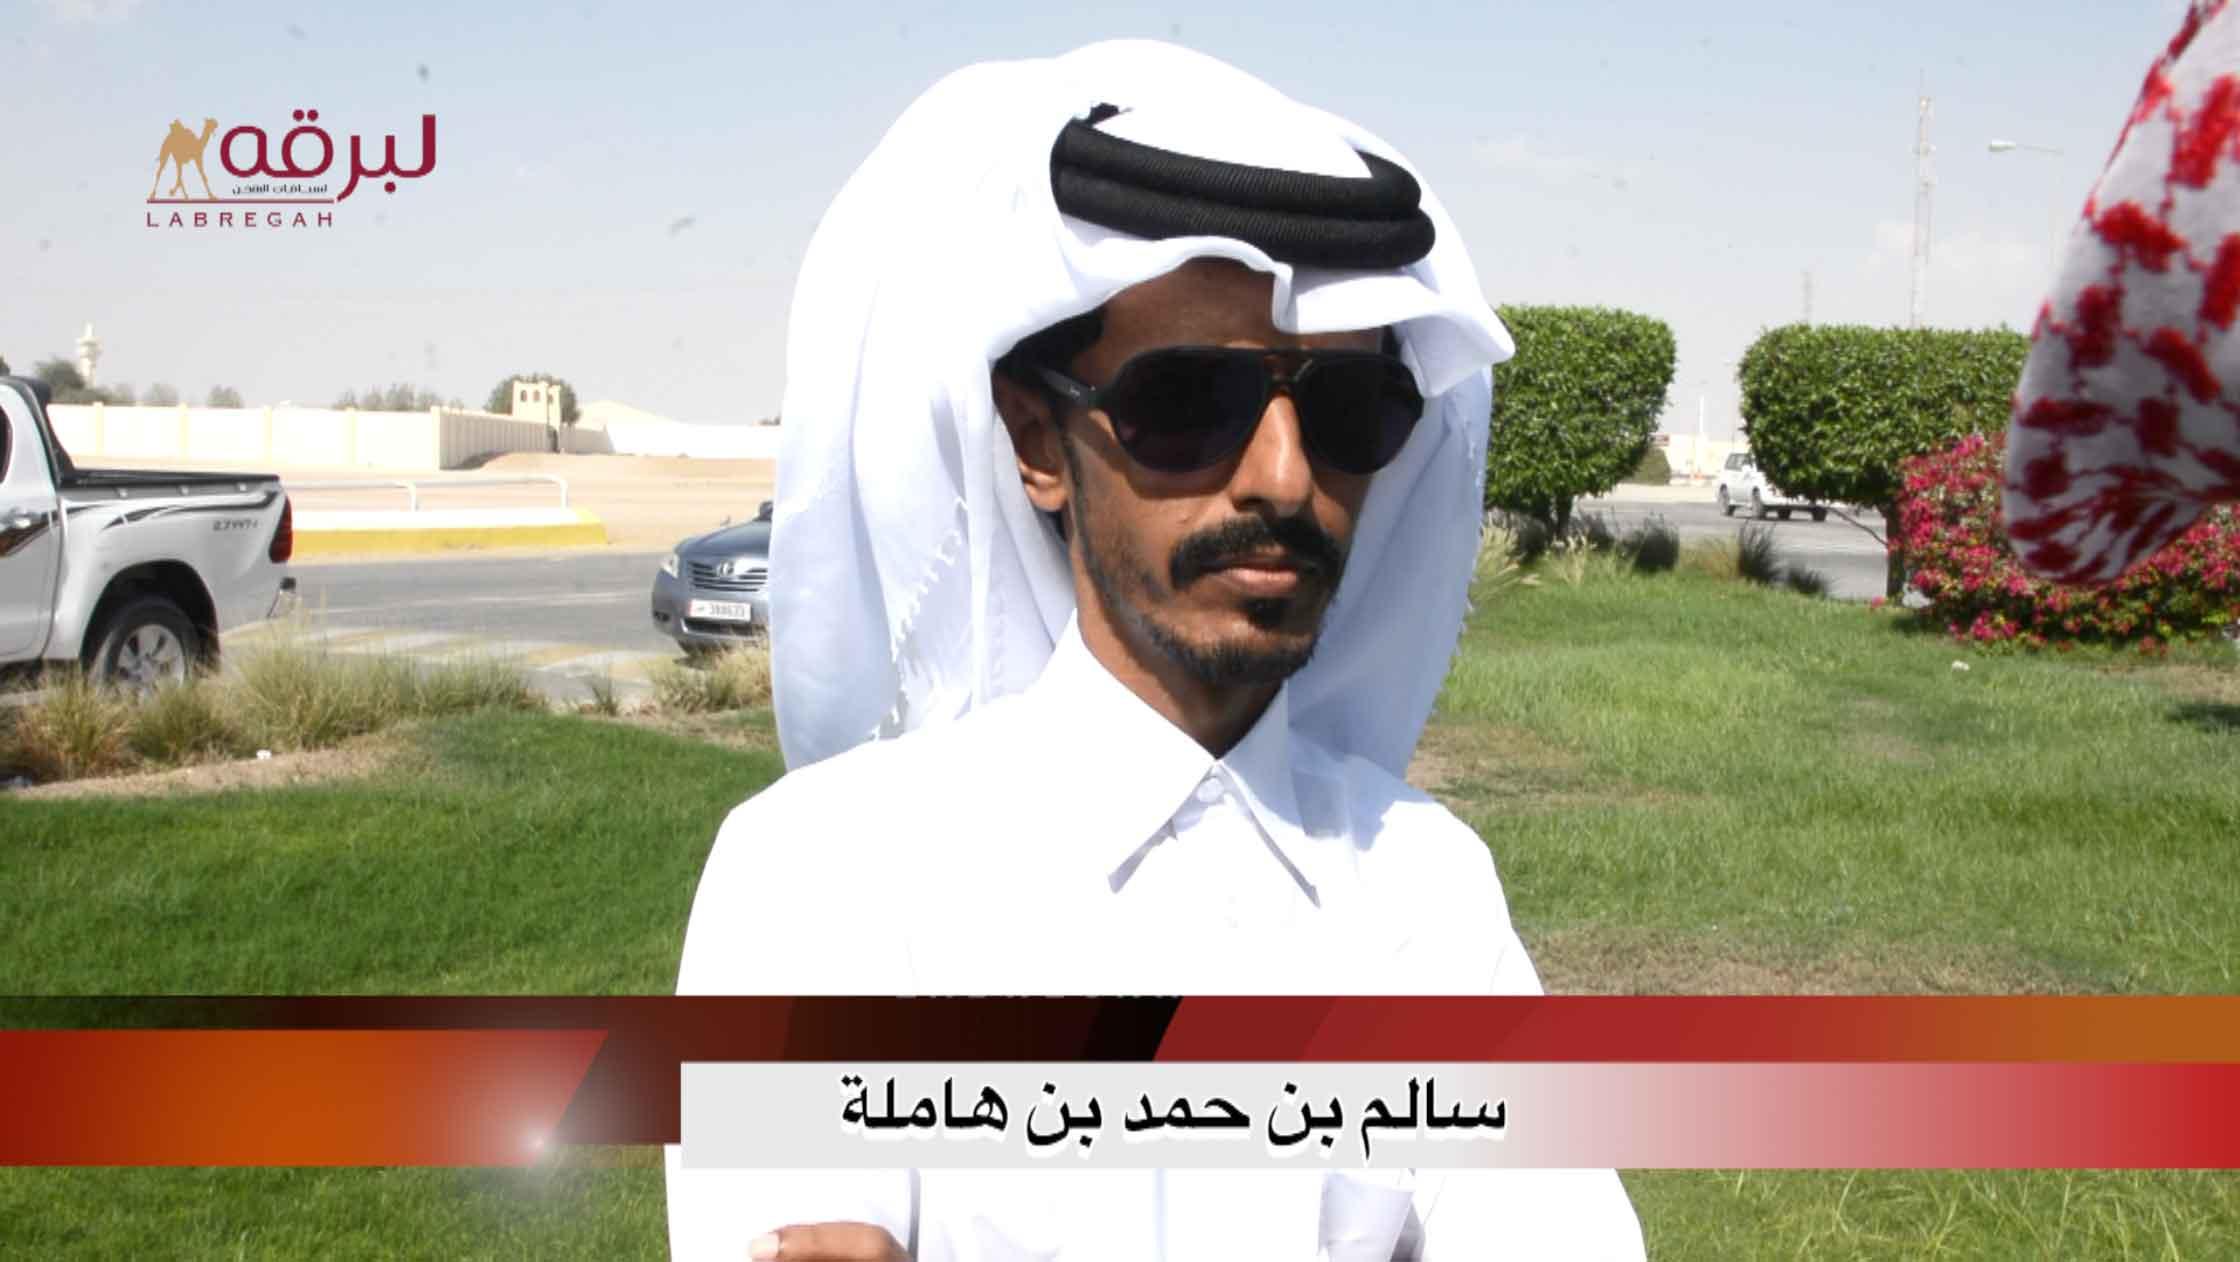 لقاء مع سالم بن حمد بن هاملة.. الشوطين الرئيسيين للجذاع مفتوح الأشواط العامة  ٧-١١-٢٠٢٠